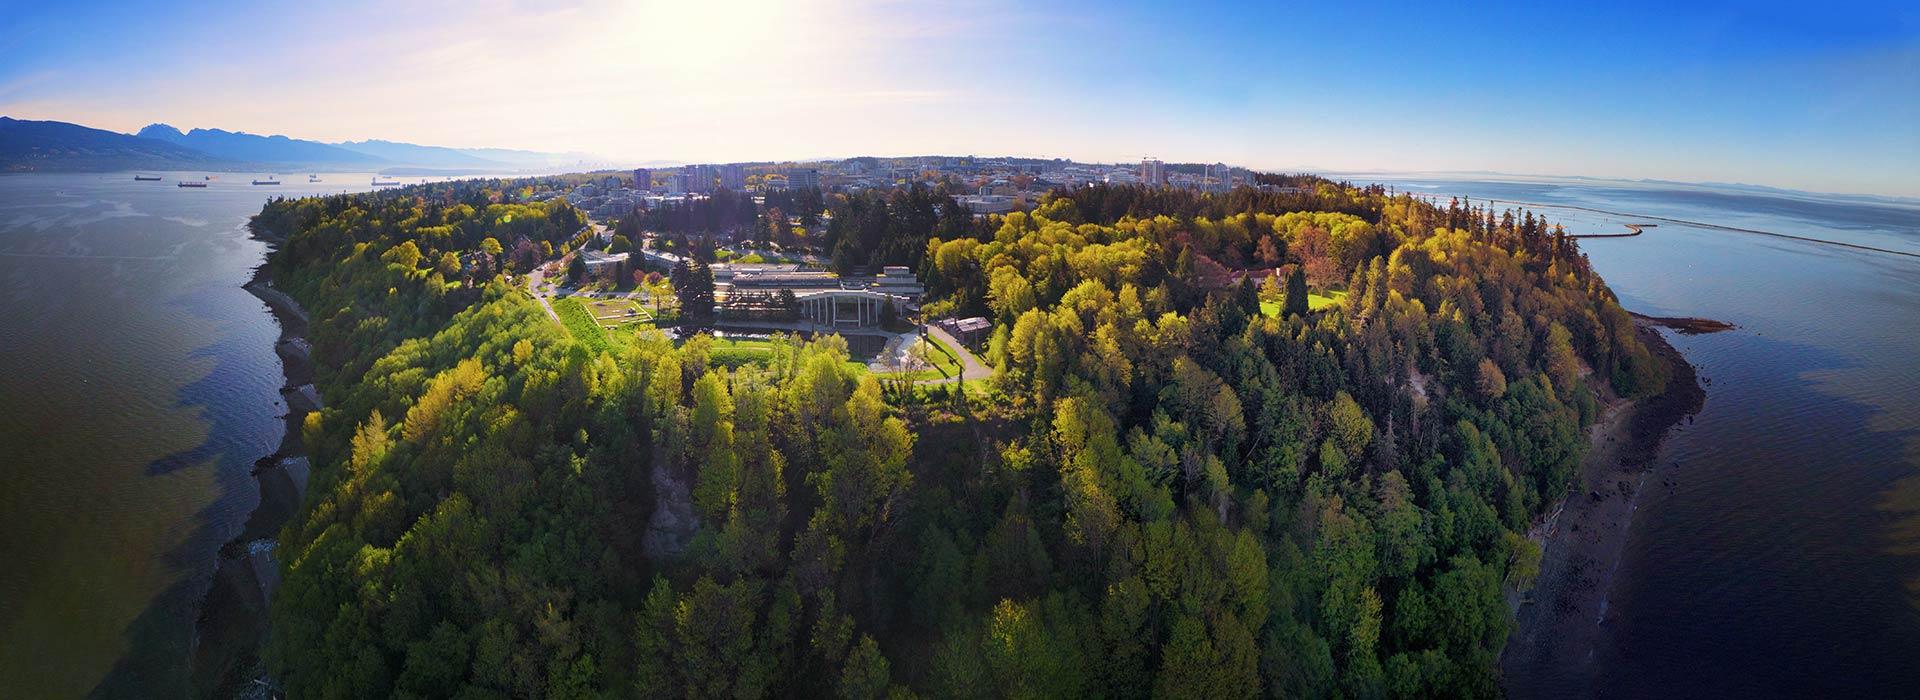 aerial_moa_panorama-1920x700